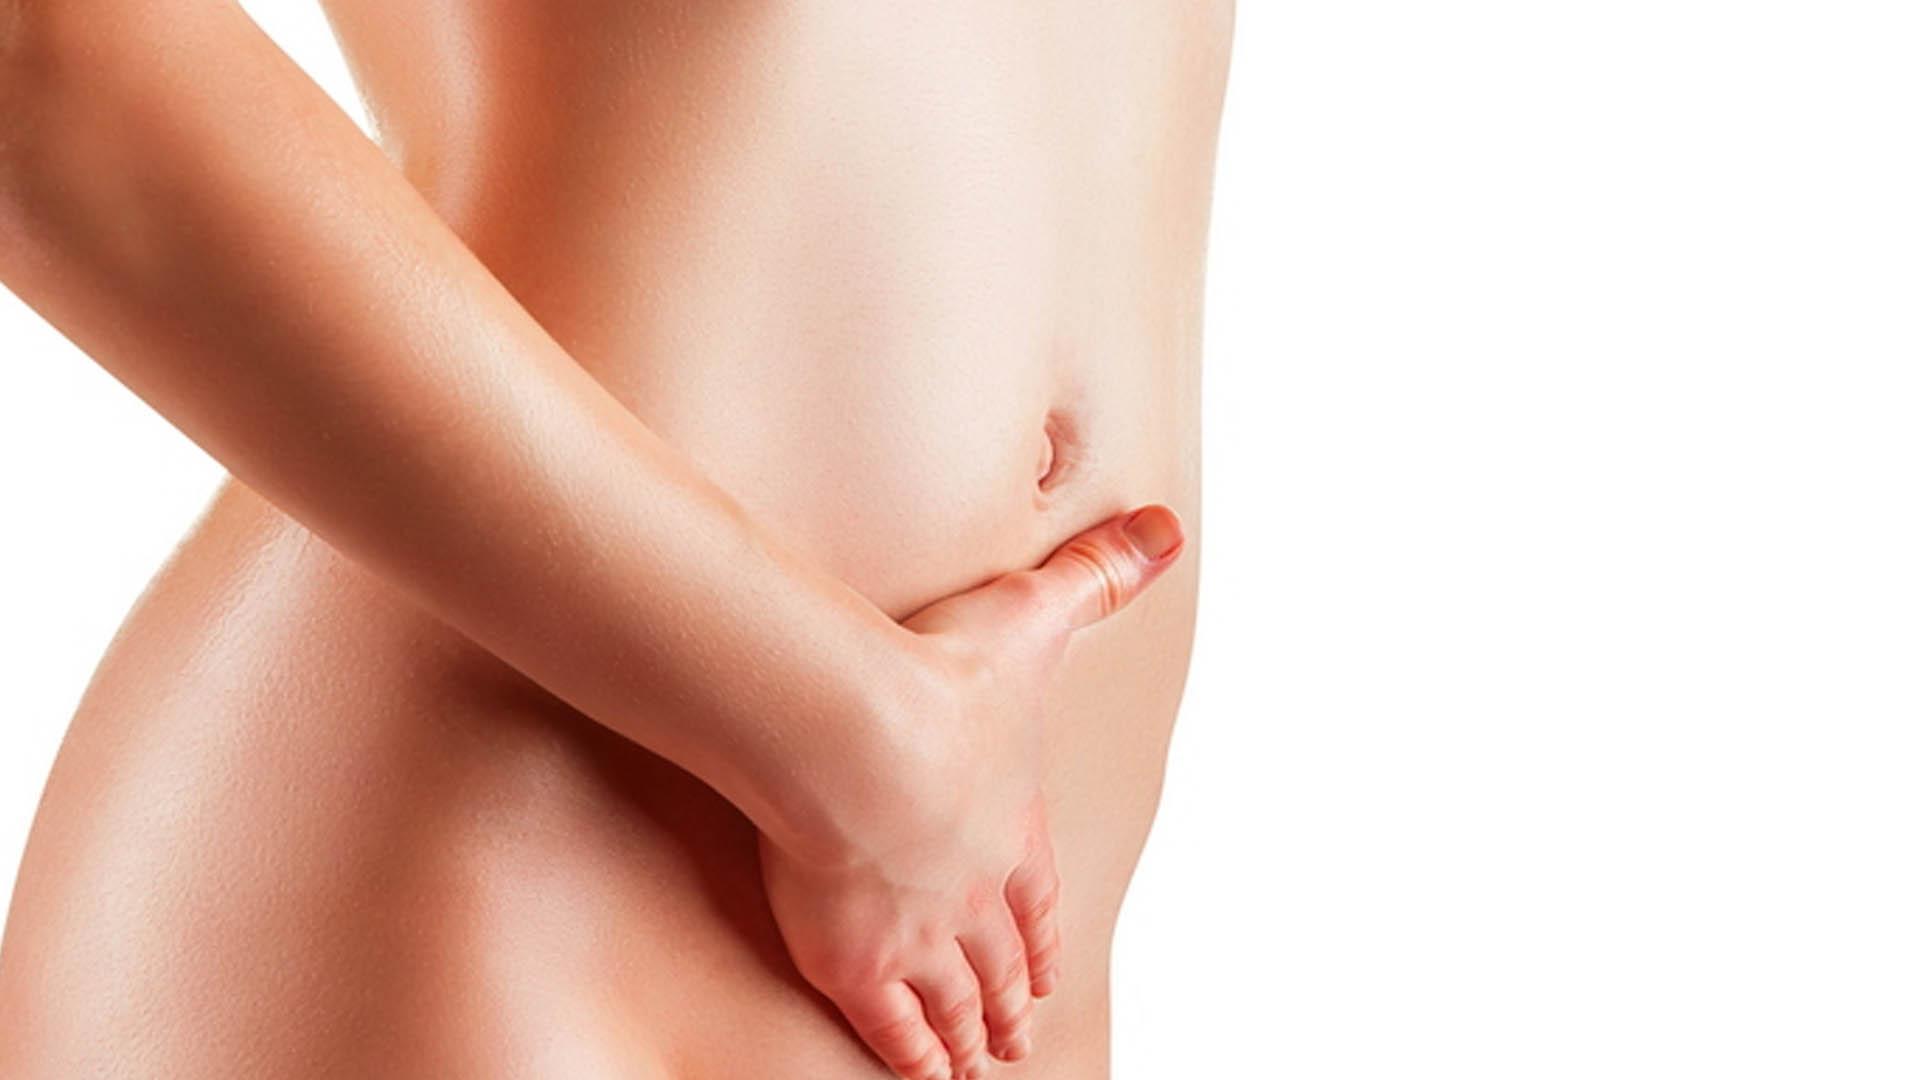 лучший крем для увеличения грудины